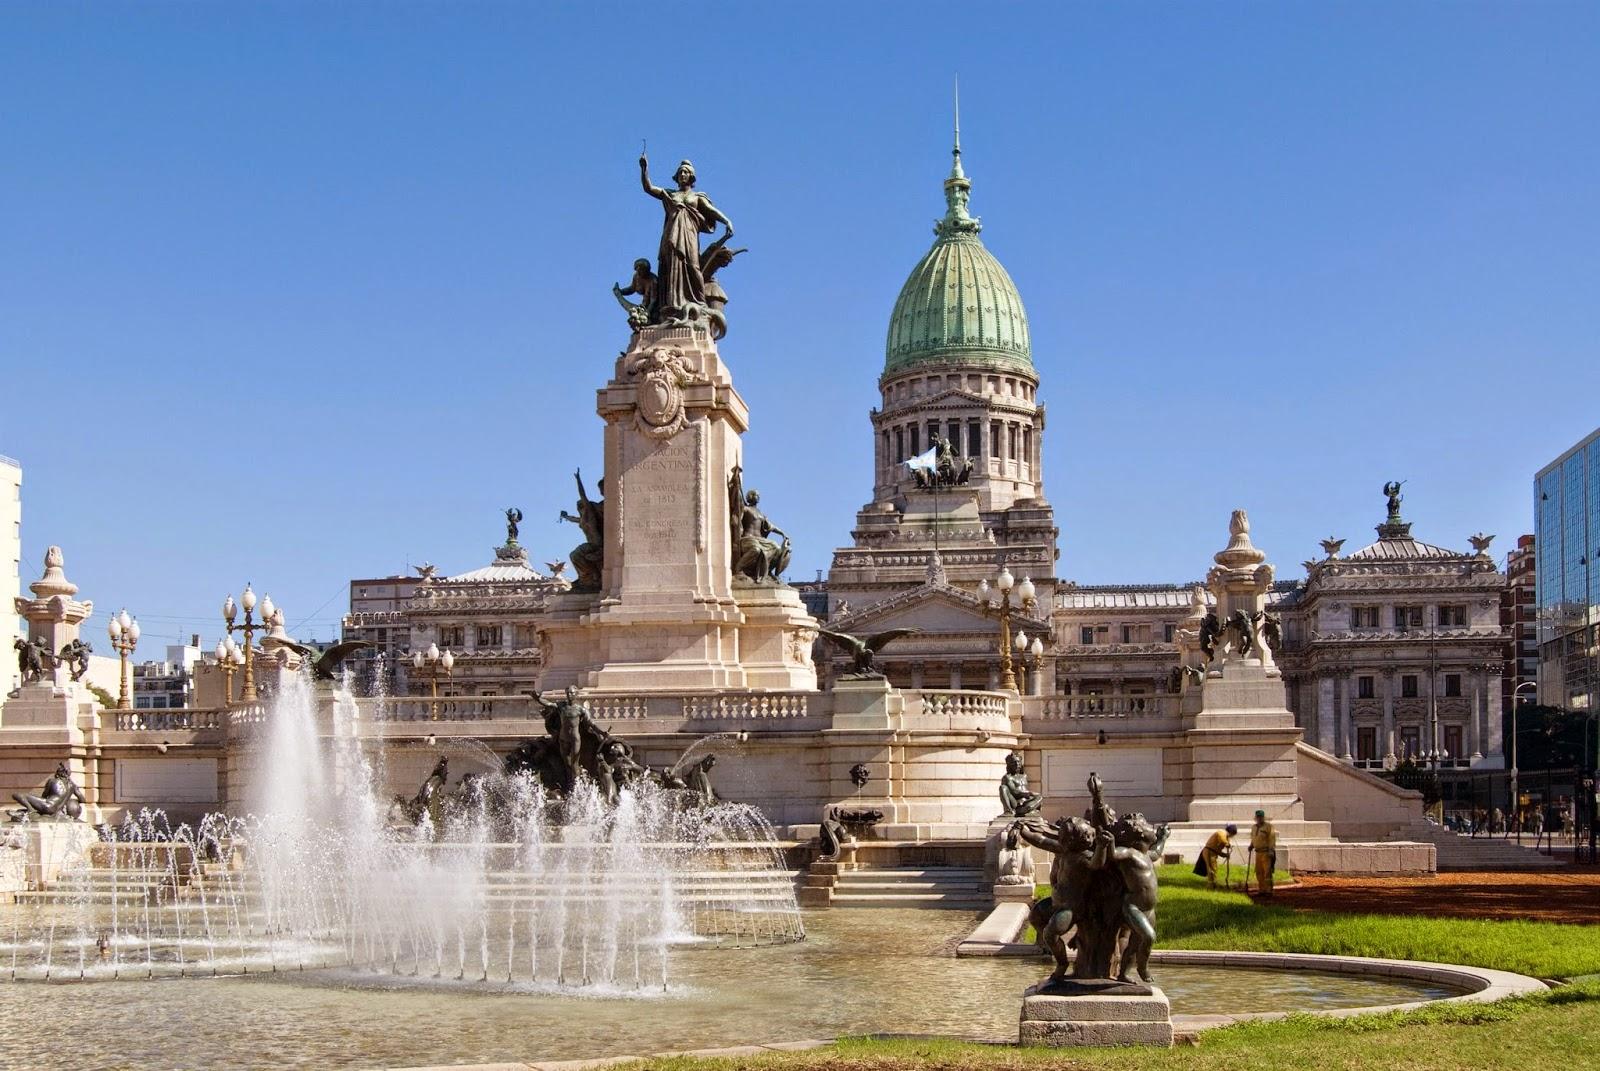 Atualmente, a educação na Argentina, por exemplo, é considerada como uma das mais avançadas e progressistas da América Latina (FOTO: Divulgação)